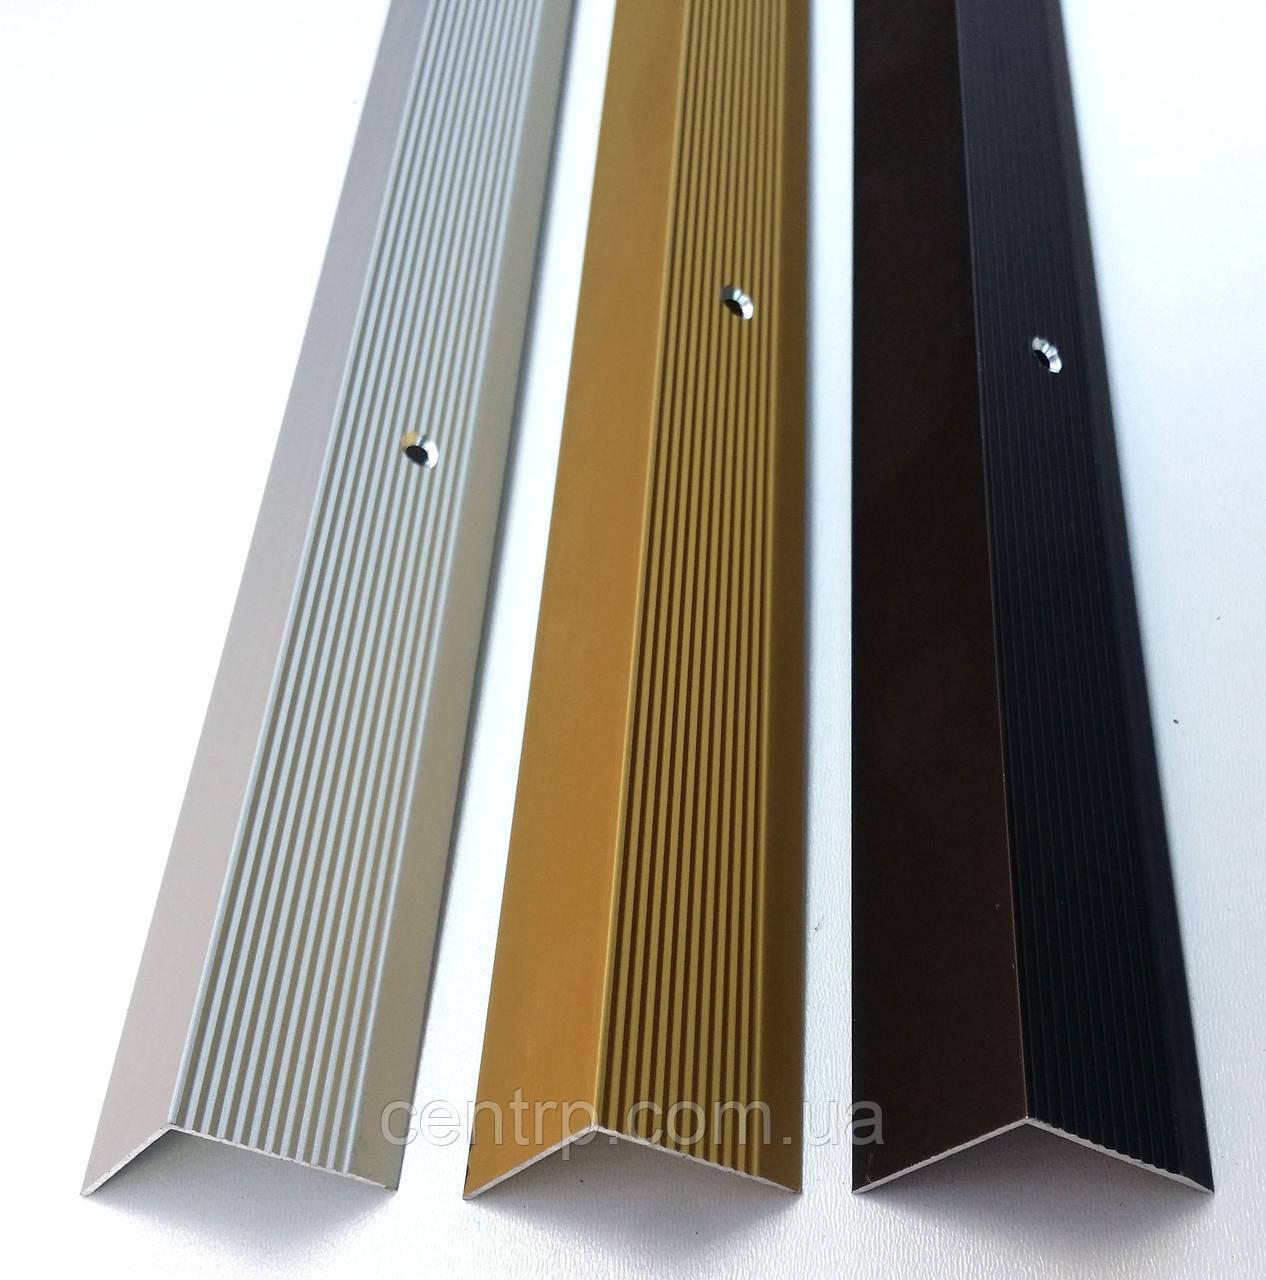 Порожек алюминиевый угловой 30мм* 30мм А 30*30 анод